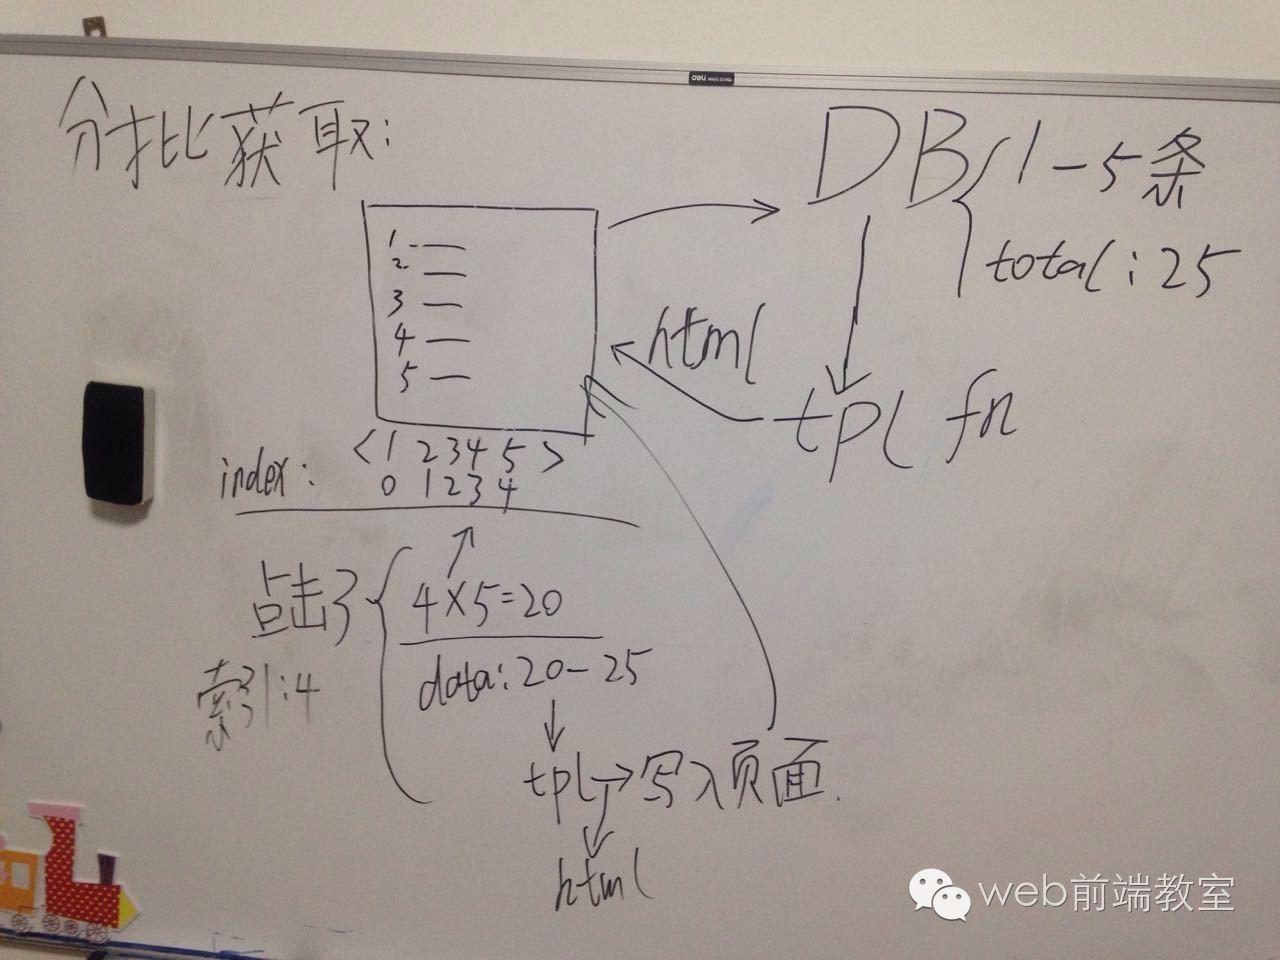 2016视频之后第一次QQ群视频总结及暴露的问国庆董易奇图片